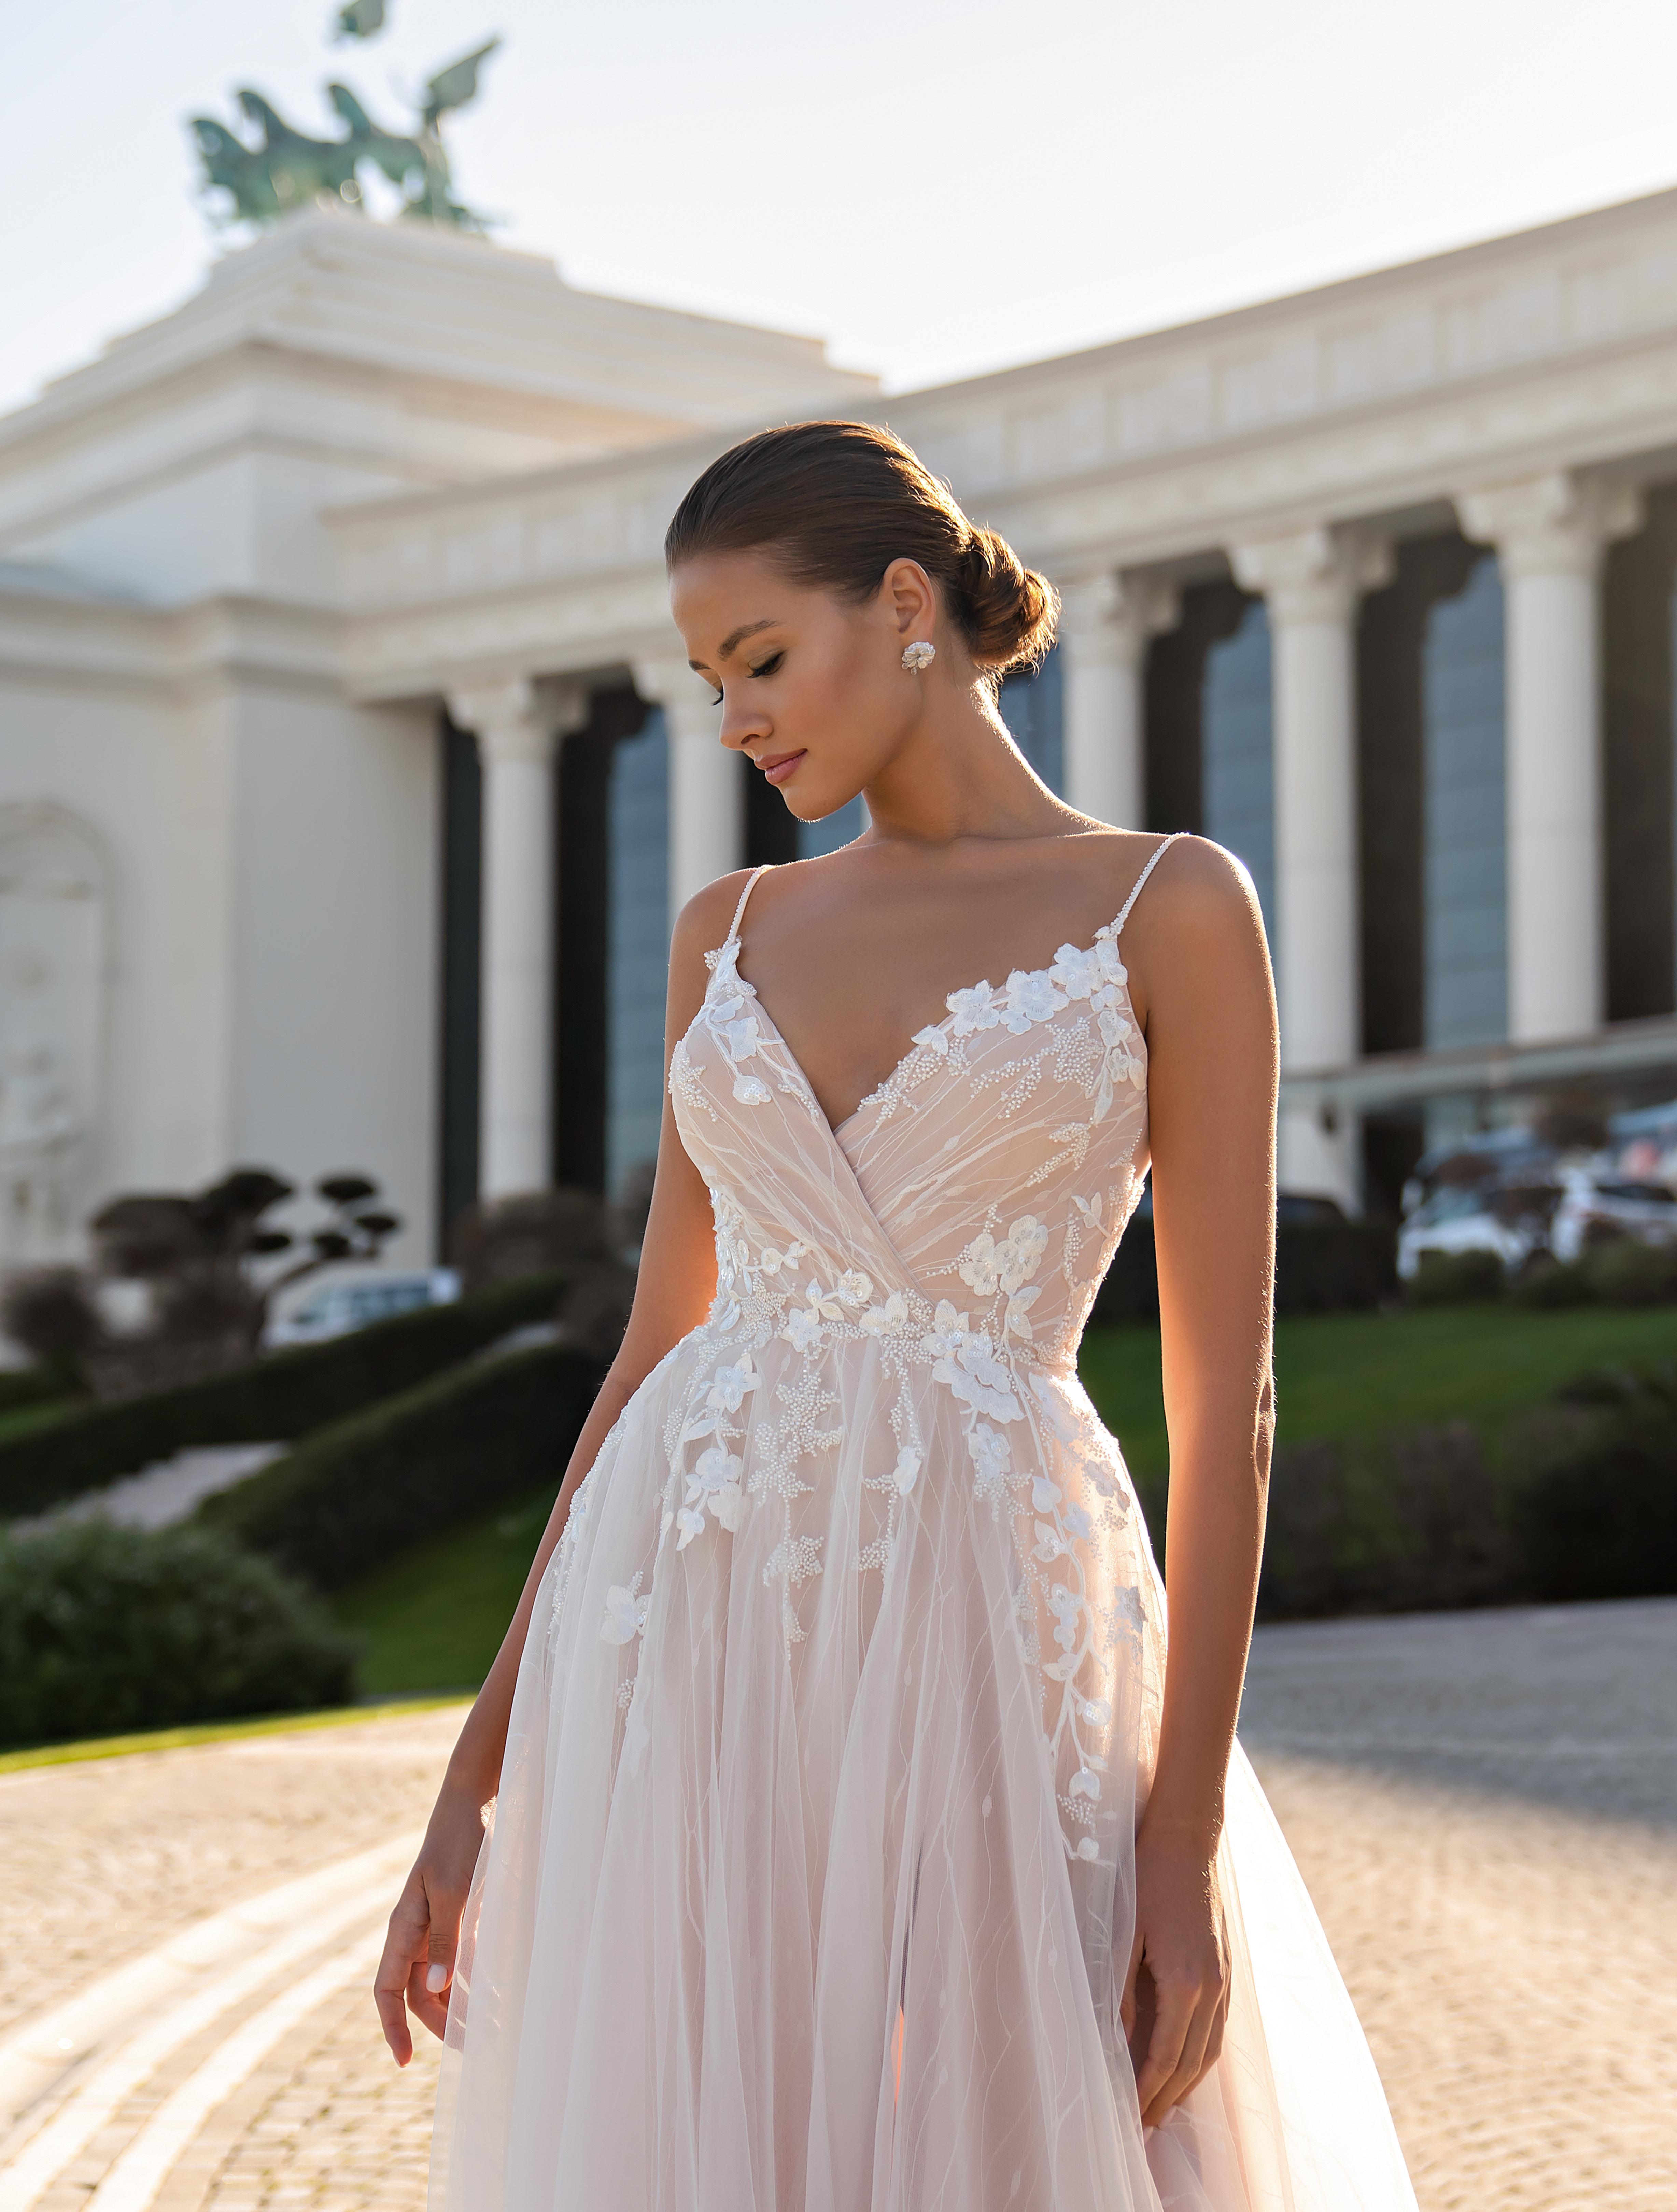 Cвадебное платье на тонких бретелях и мягкой юбкой со шлейфом-1